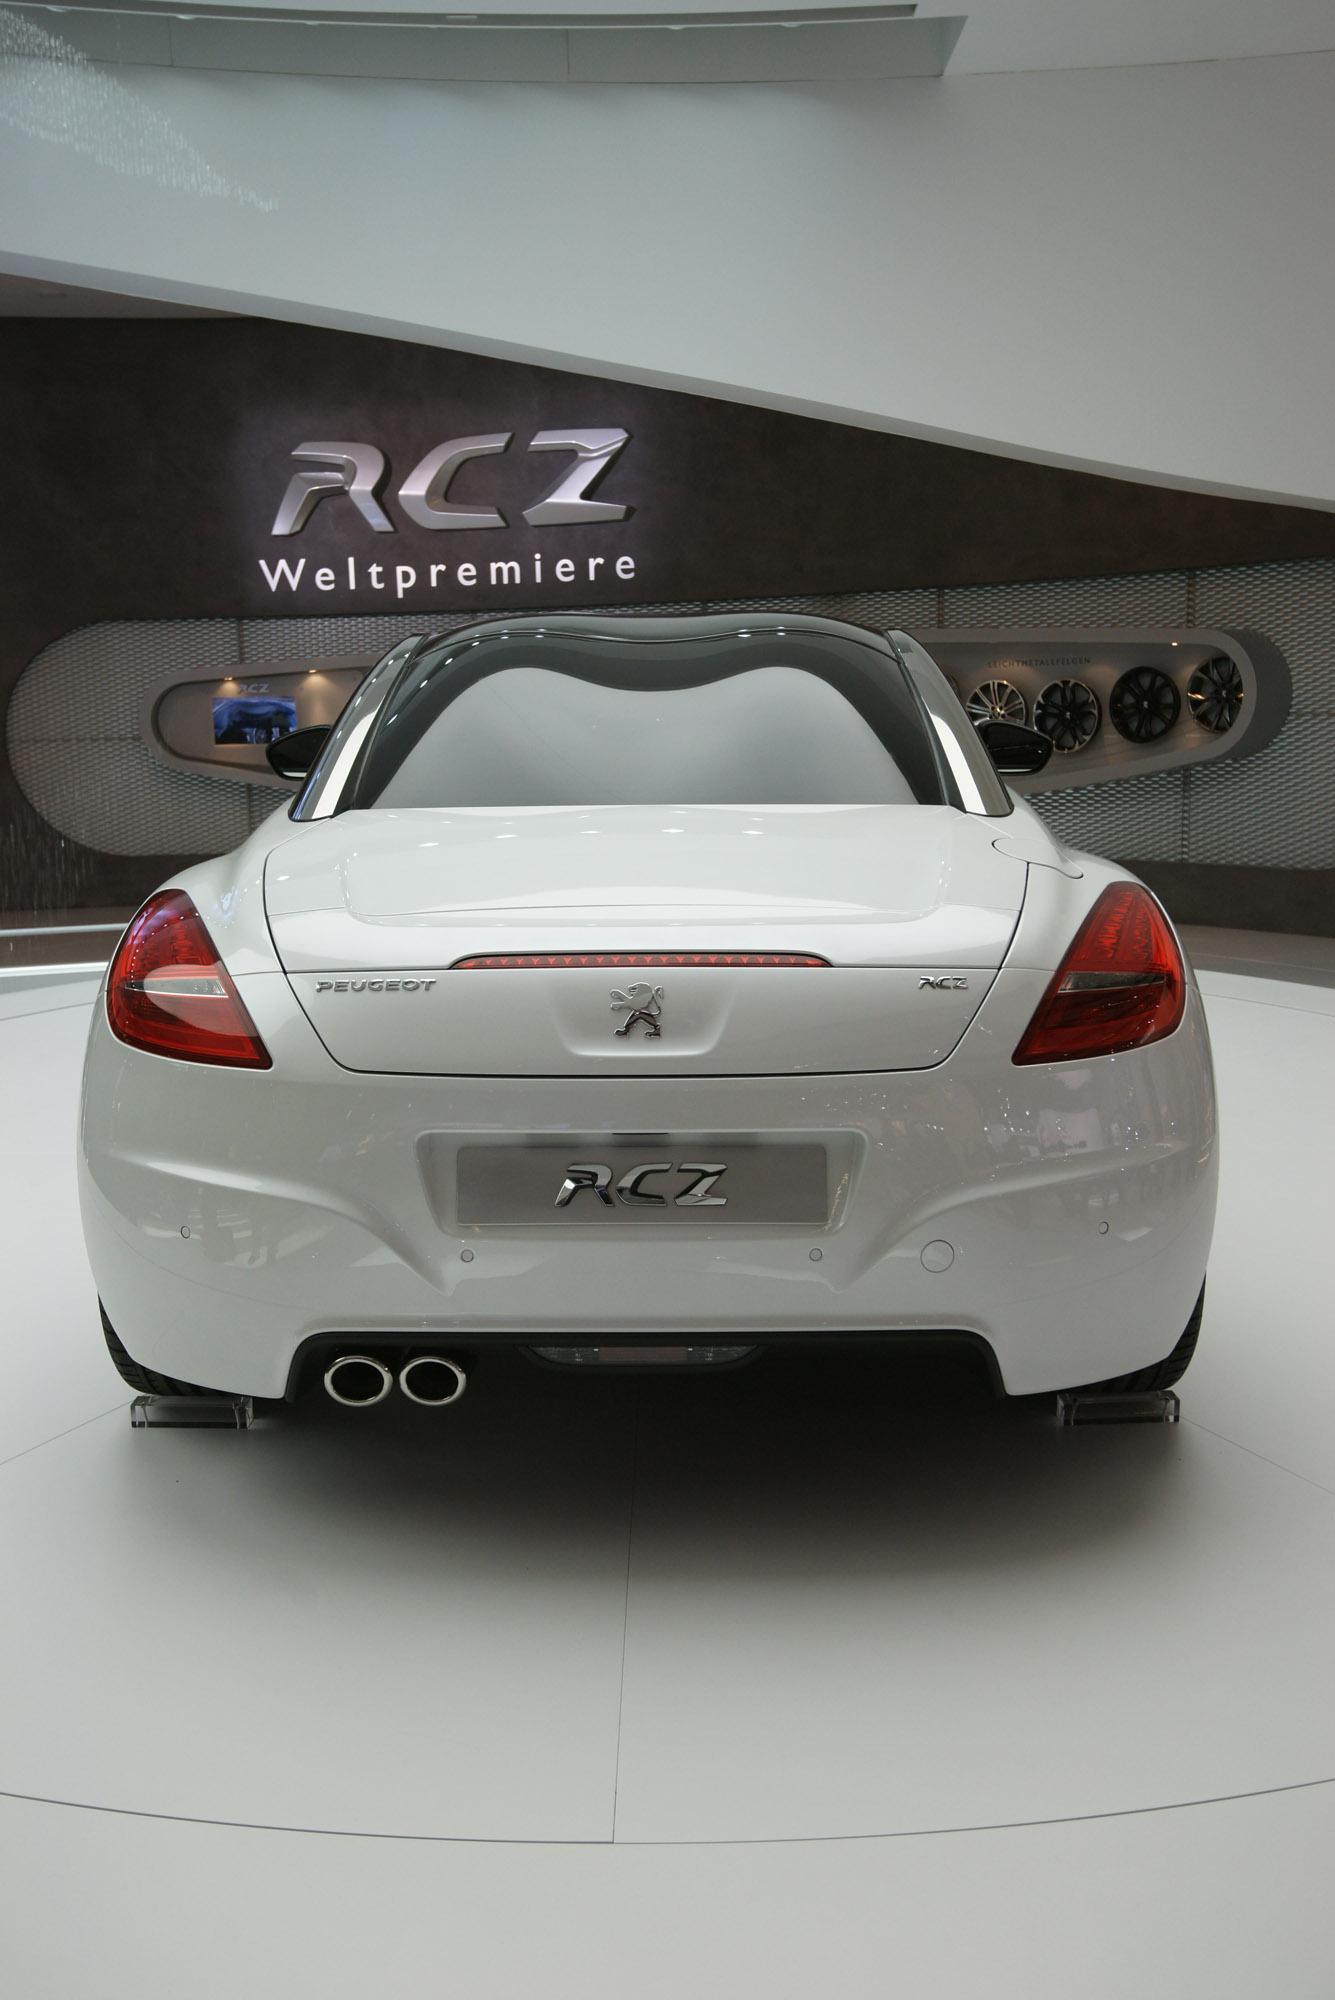 19 septembre 2009 Peugeot-rcz-frankfurt-2009-03